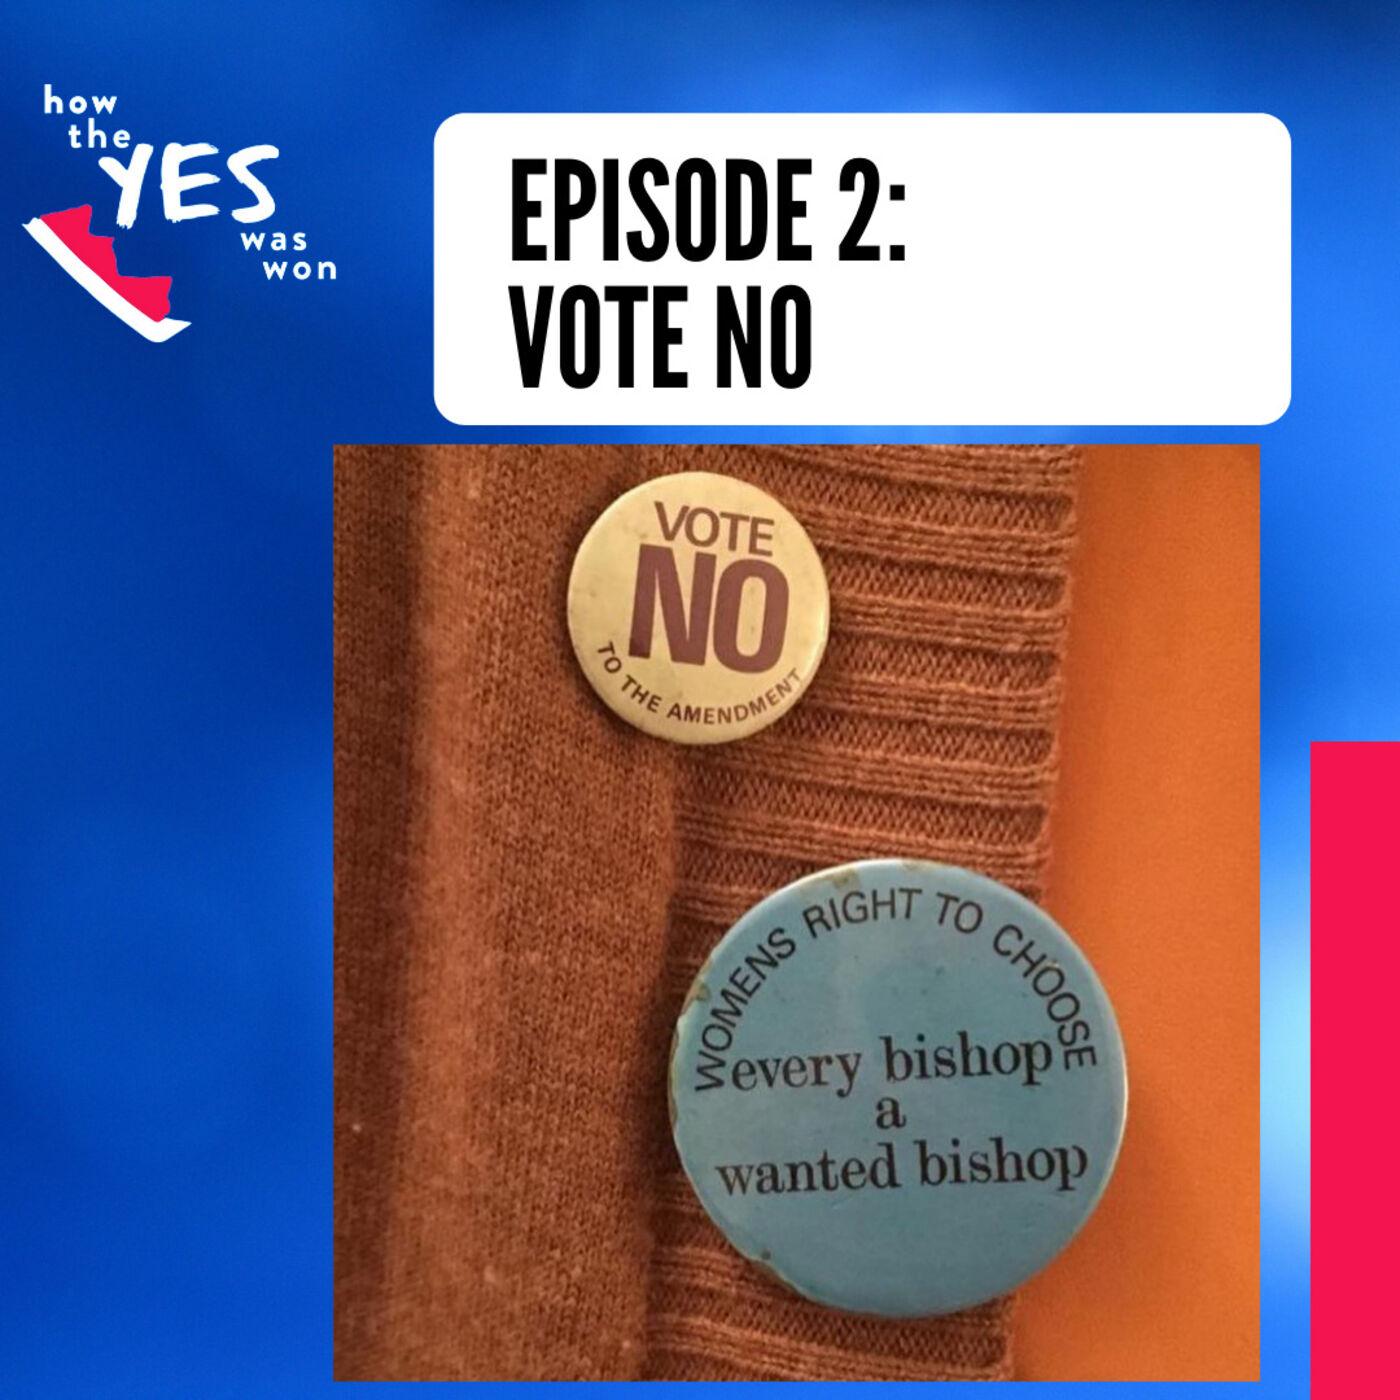 Episode 2: Vote No